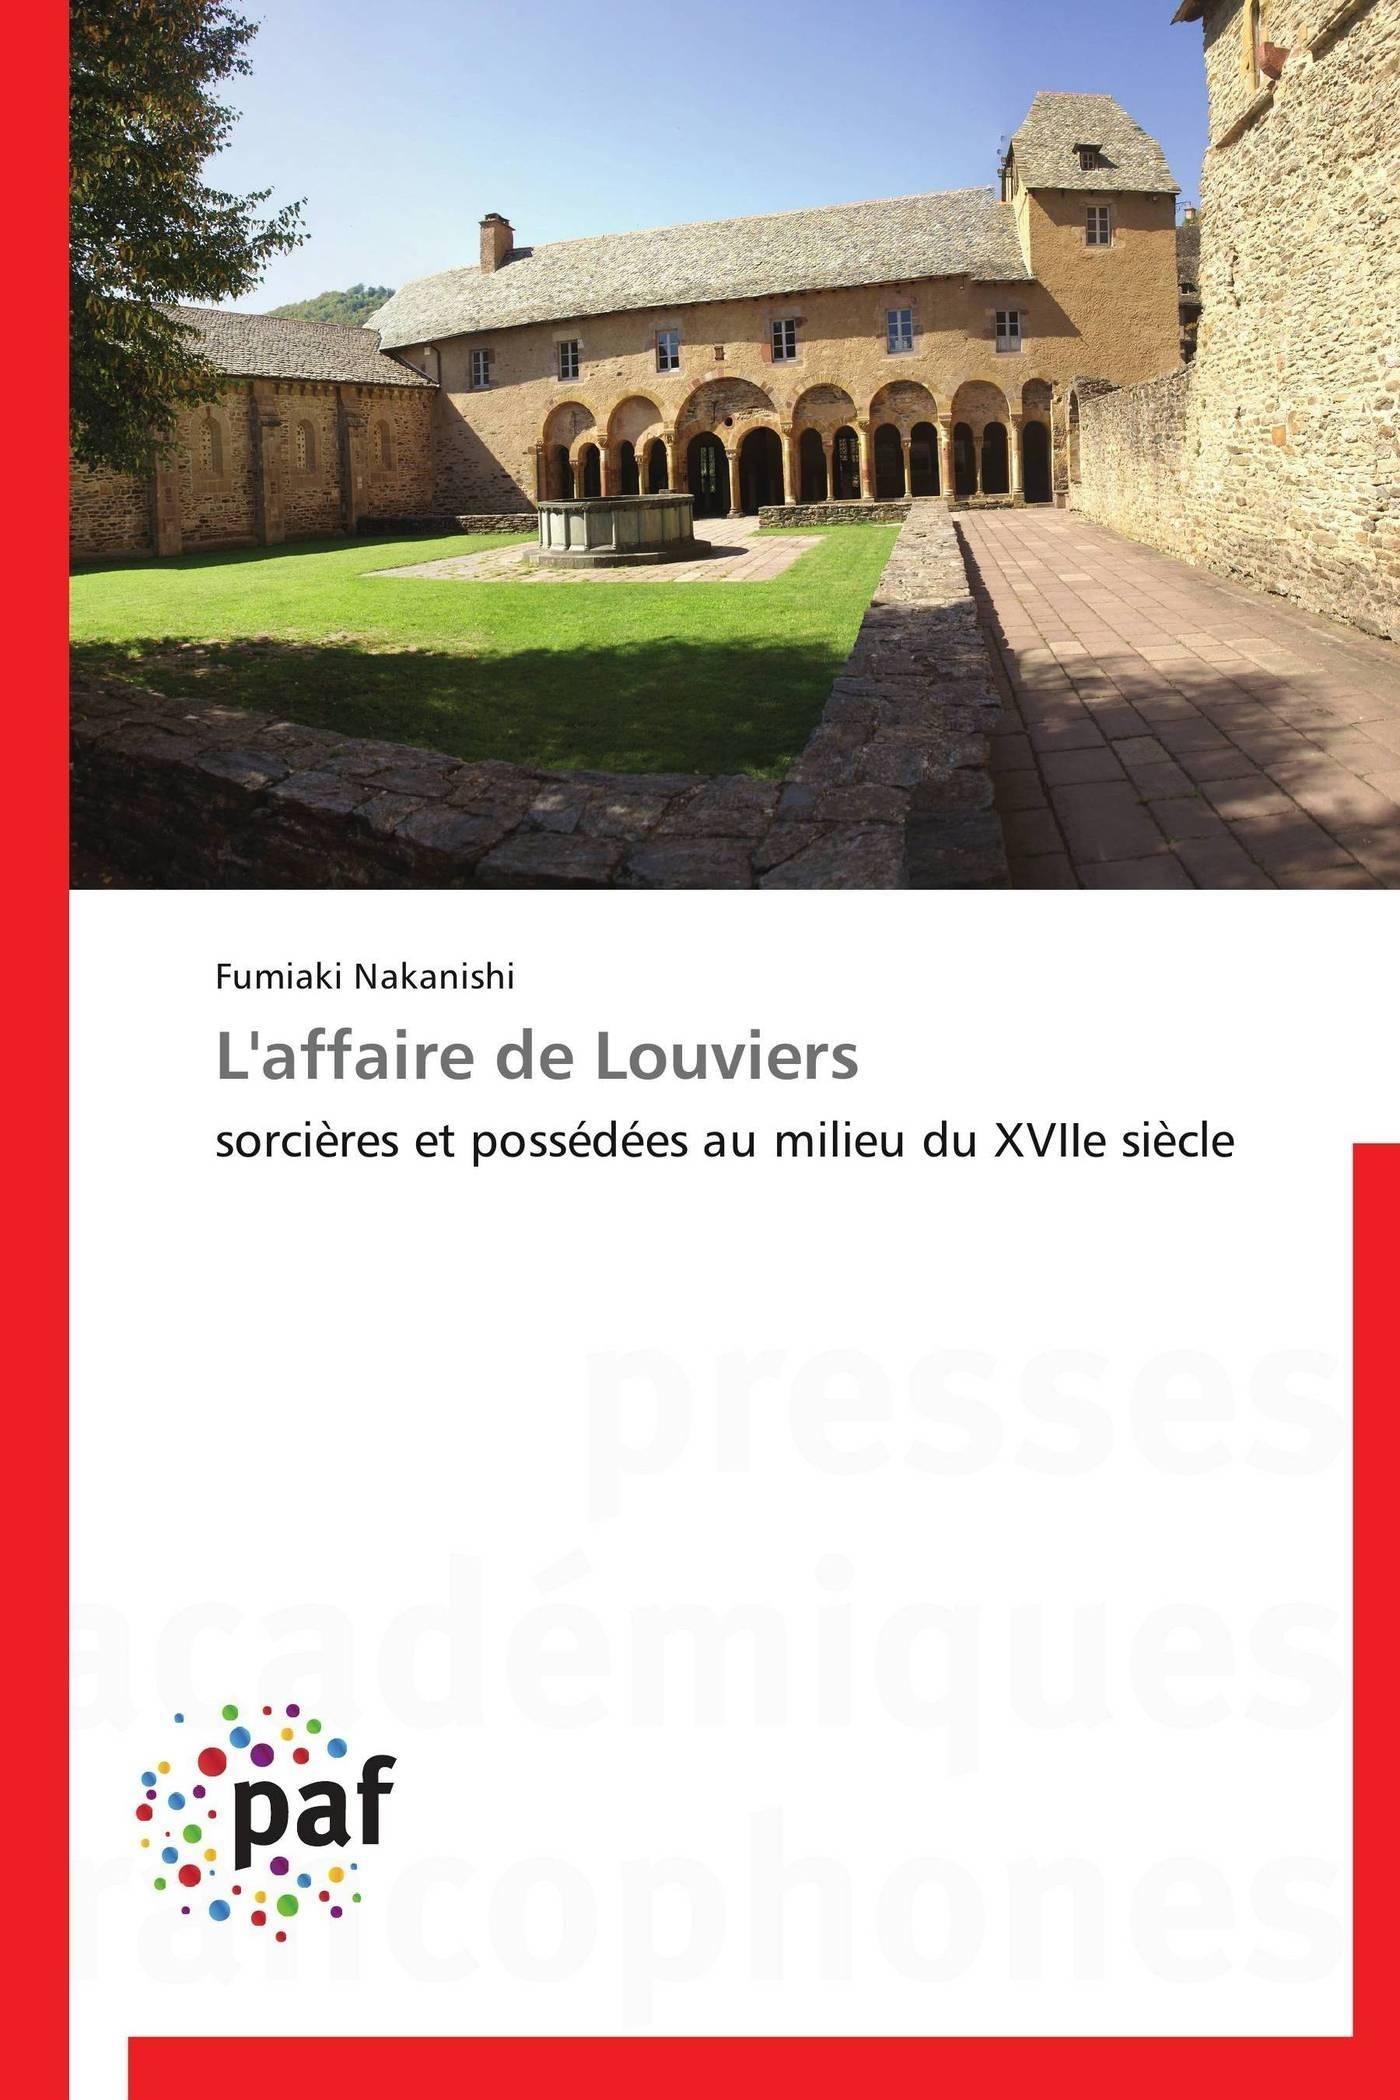 L'AFFAIRE DE LOUVIERS